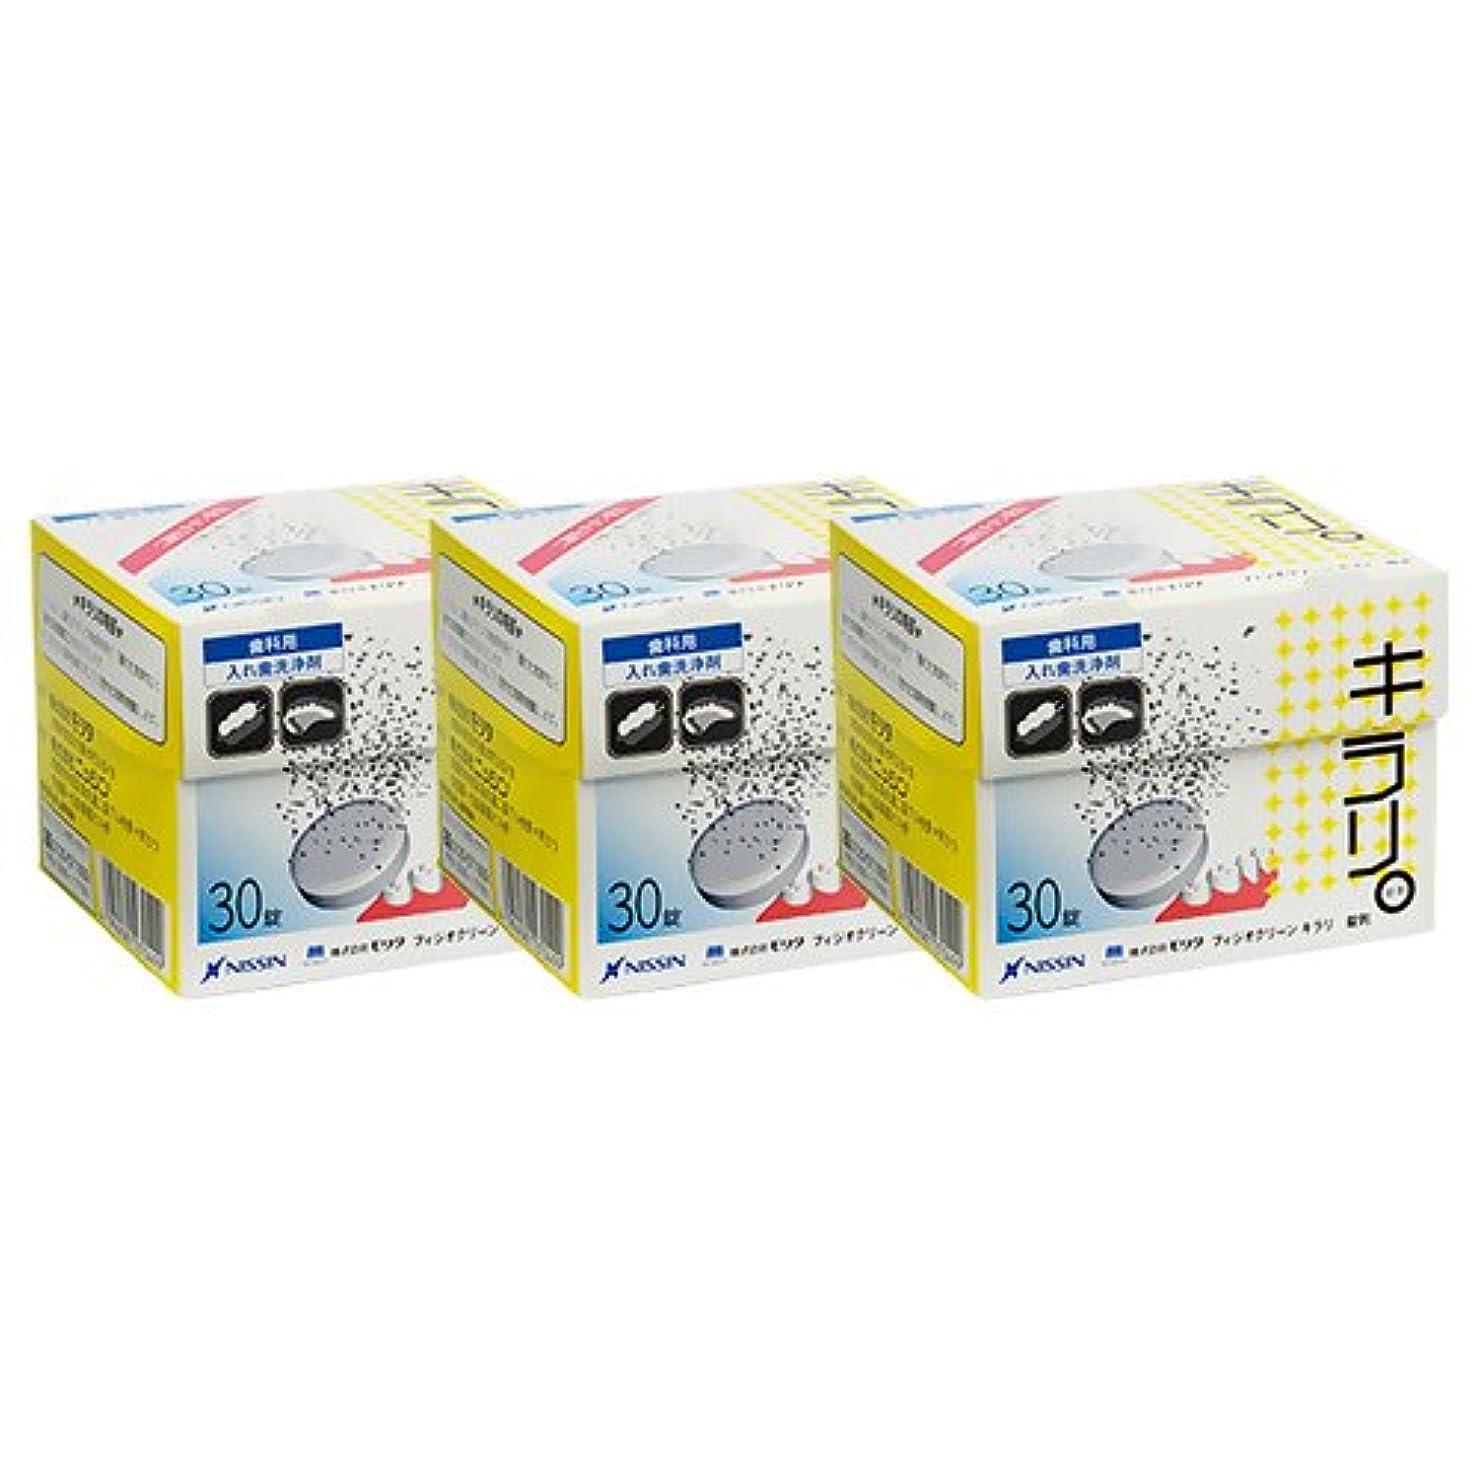 摂動発行する動くニッシン フィジオクリーン キラリ錠剤 30錠入×3箱